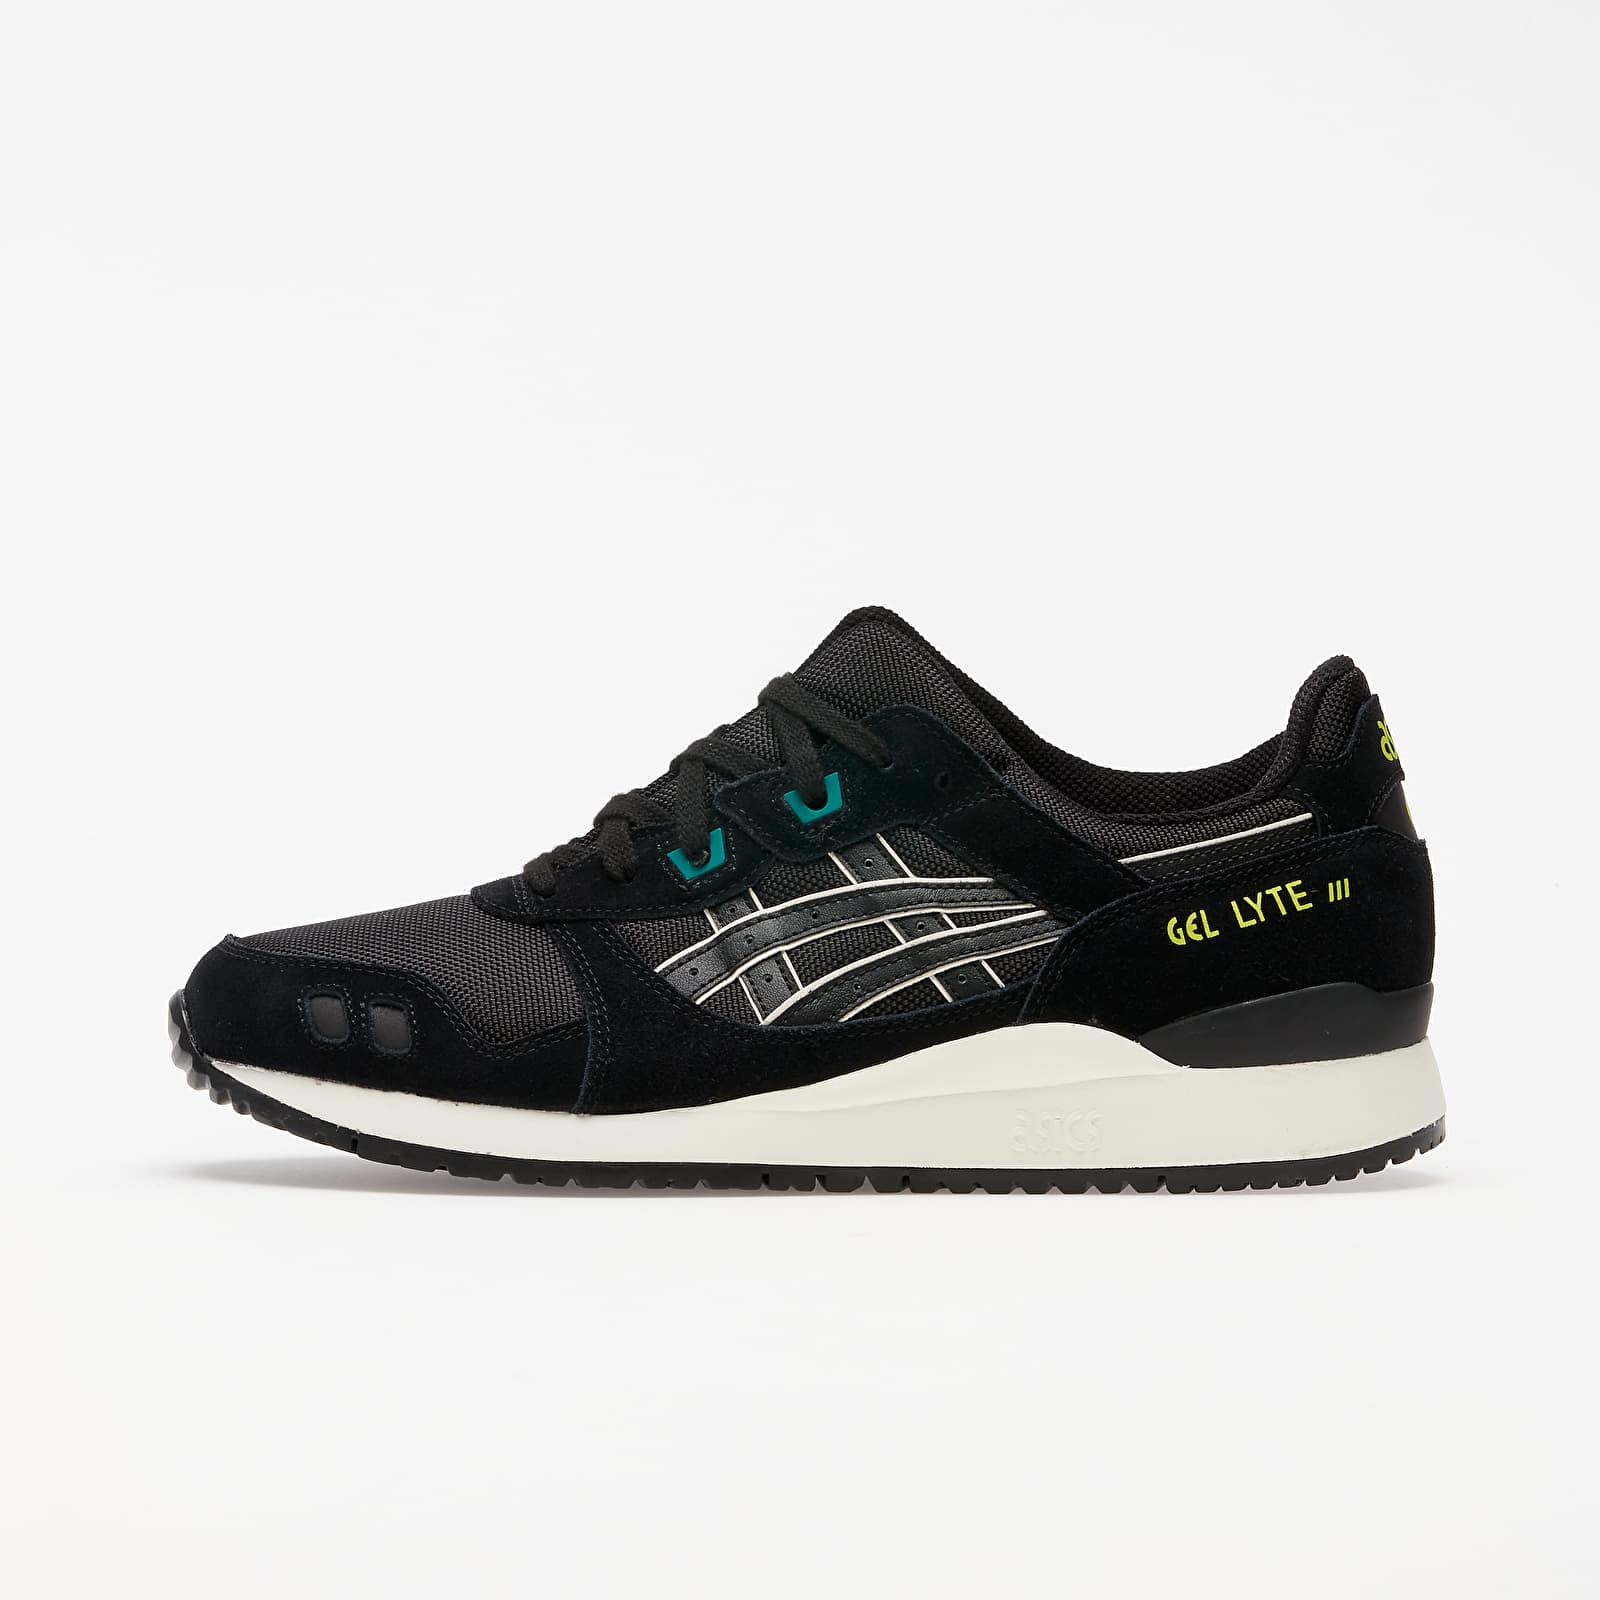 Pánske tenisky a topánky Asics Gel Lyte III OG Black/ Black